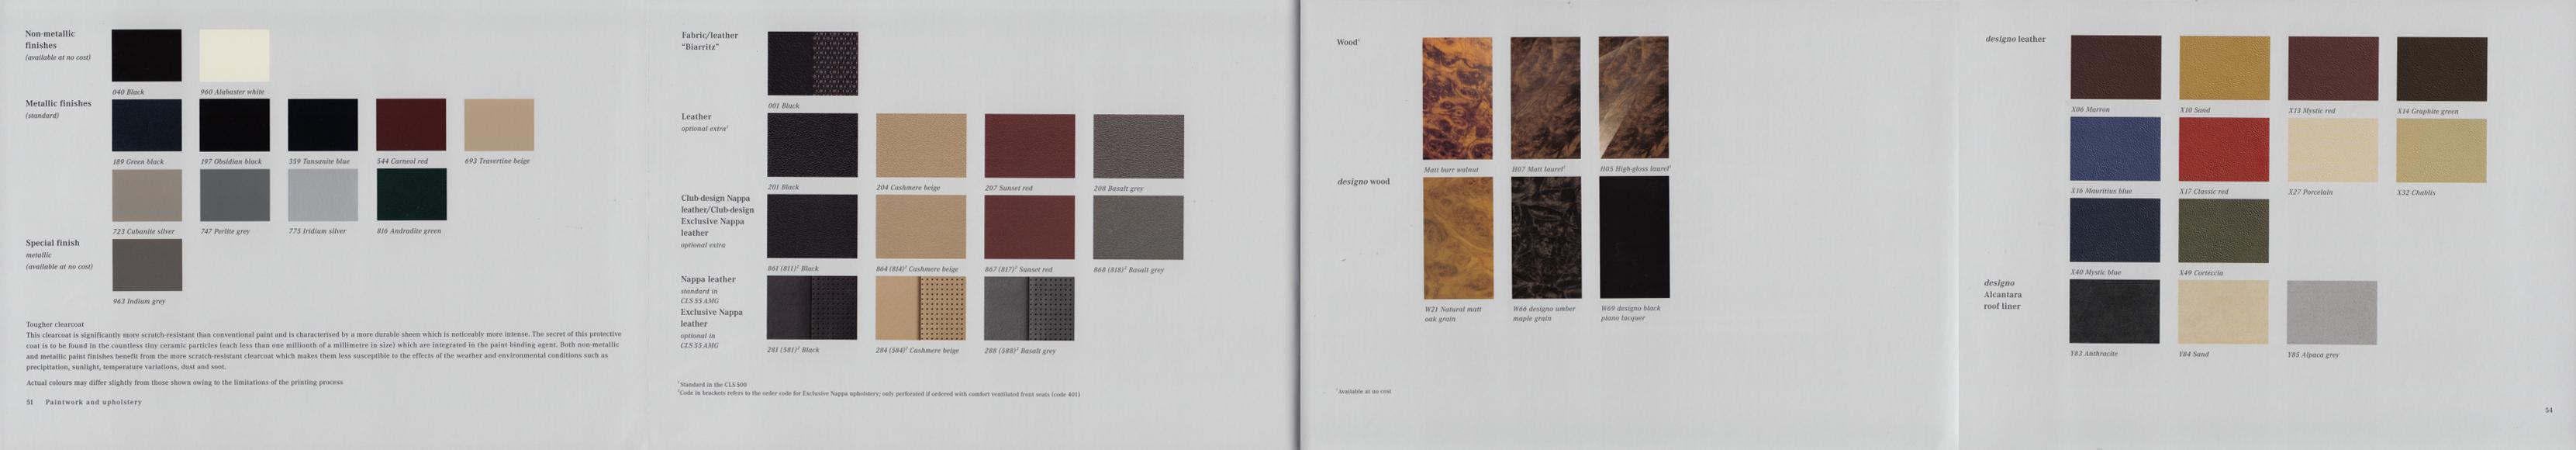 (C219): Catálogo 2005 - inglês 027